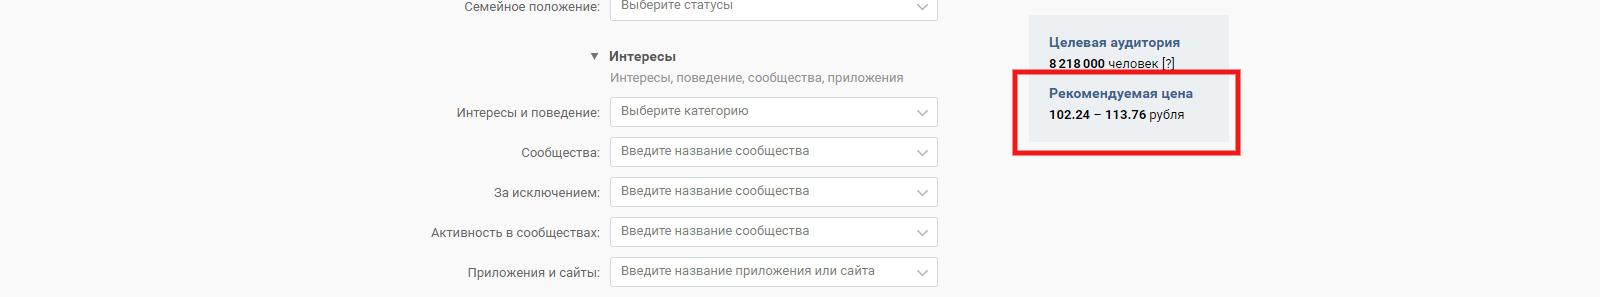 сколько стоит реклама вконтакте